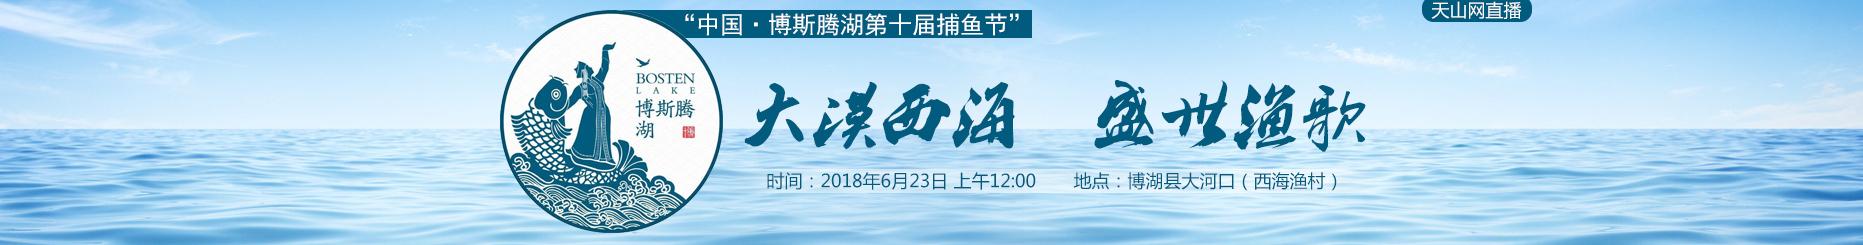 """直播预告:大漠西海·盛世渔歌 """"中国·博斯腾湖第十届捕鱼节"""""""